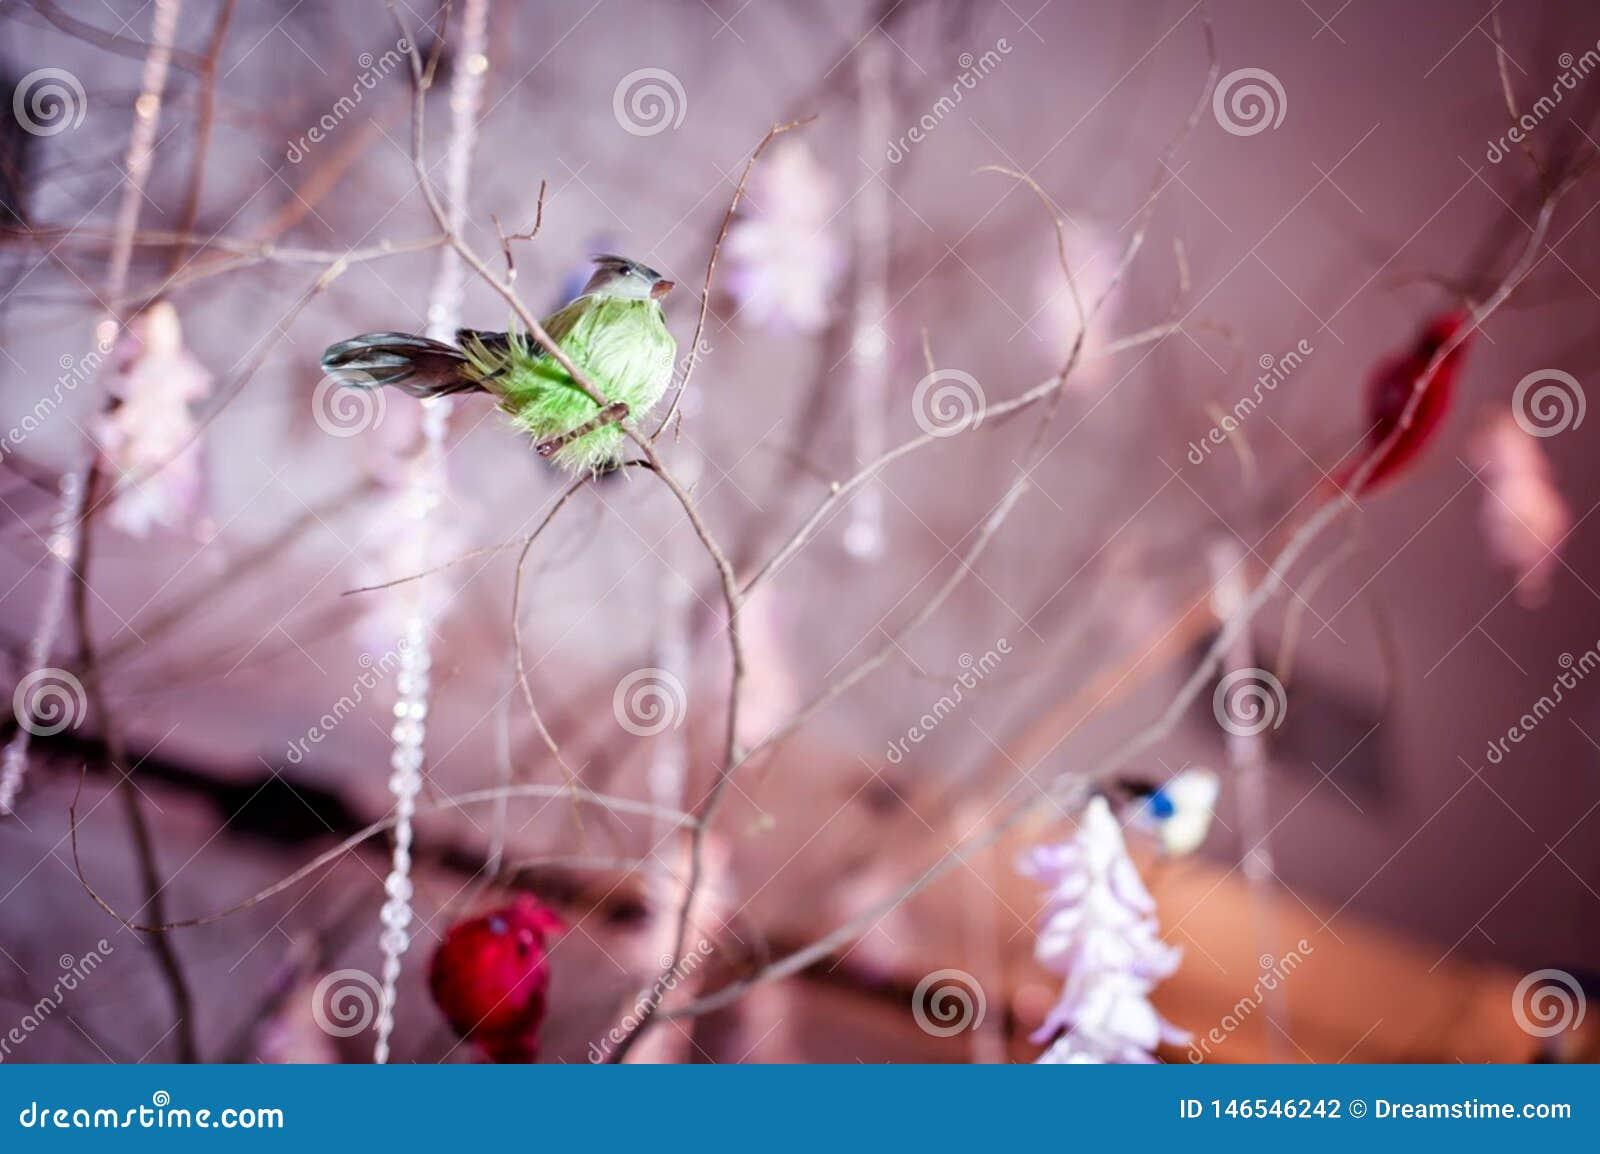 Kreative Heiratsort-Dekorationen mit den Vögeln, die auf dem Baum stationieren